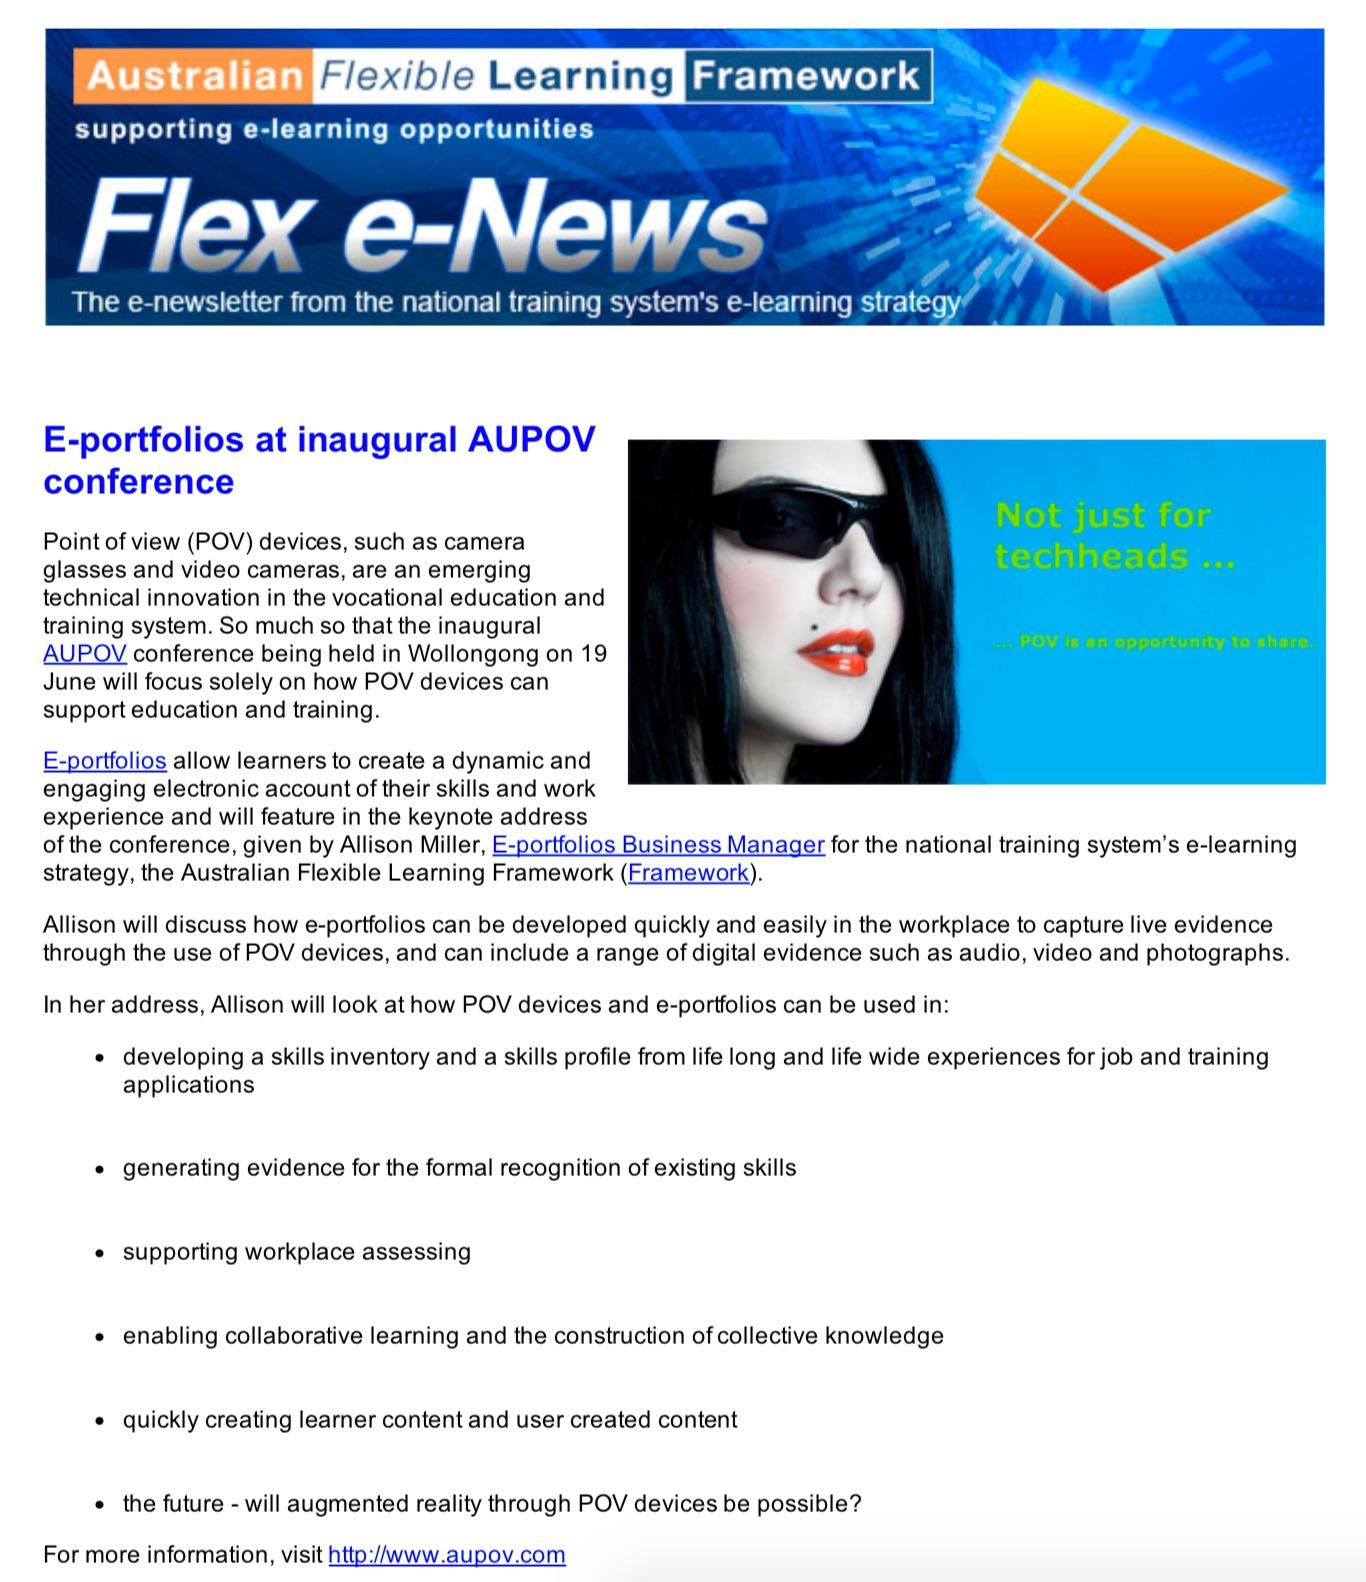 2009-Flex-E-News-AUPOV-Flyer.jpg